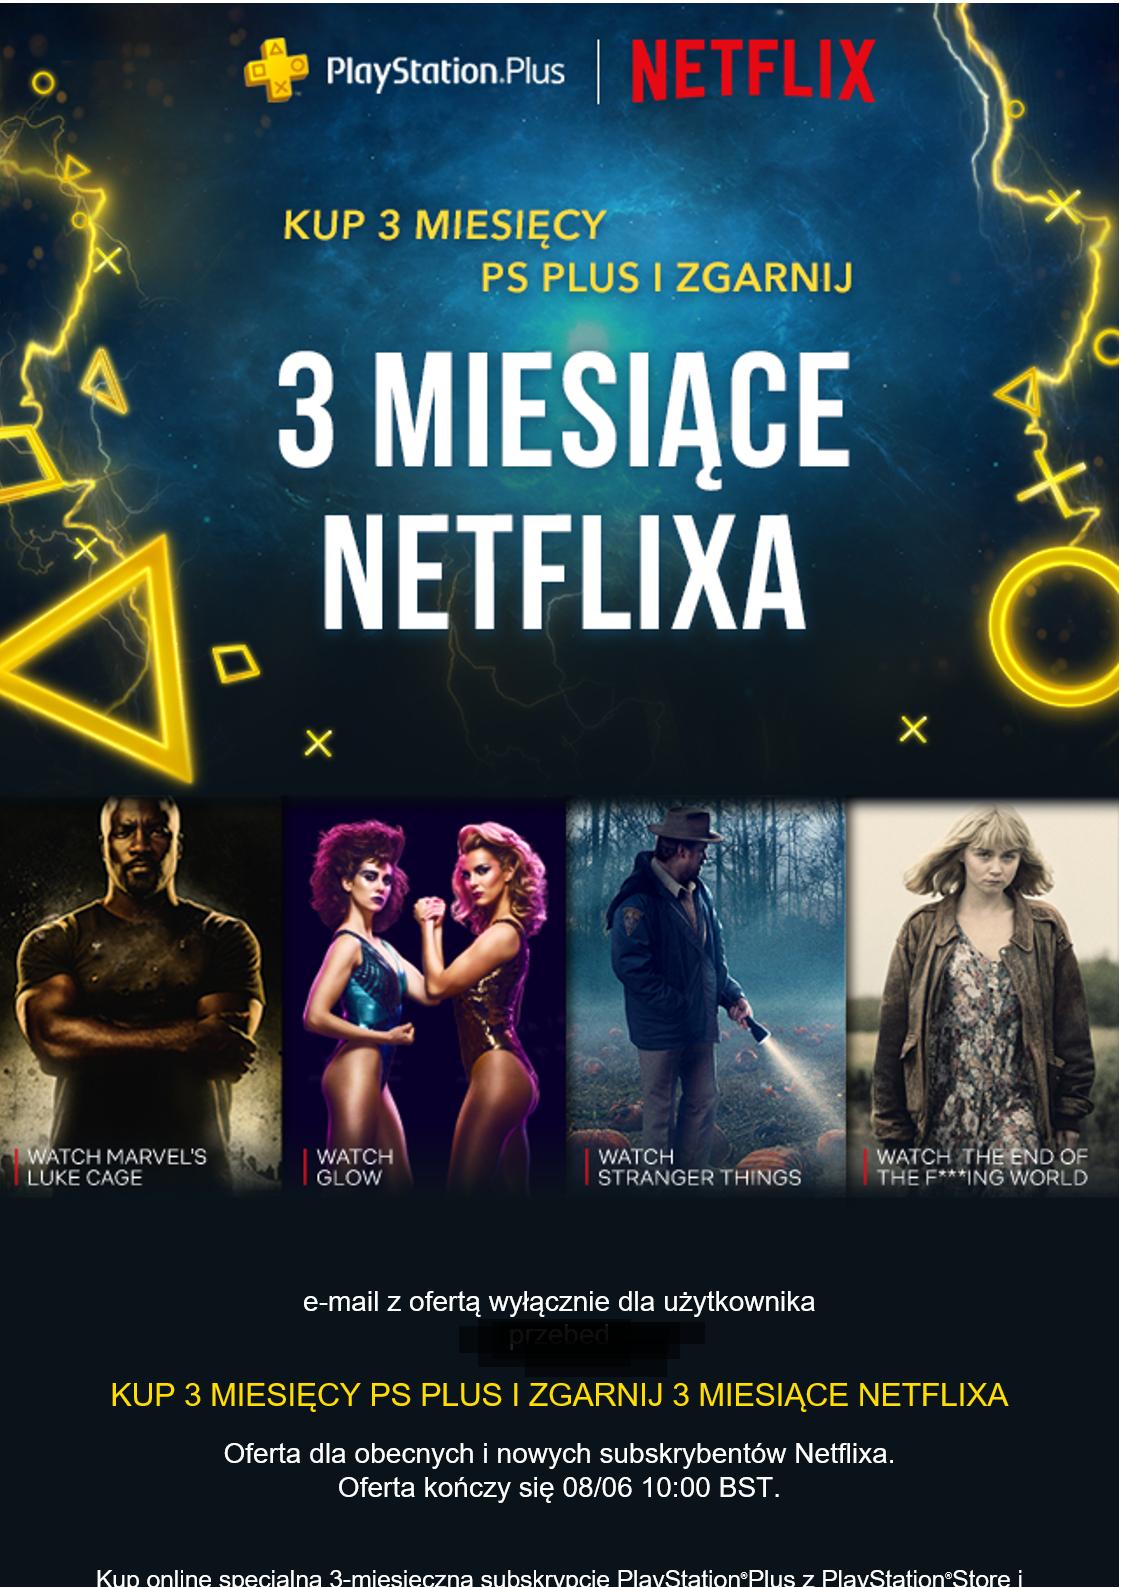 PS Plus 3 miesiące + Netflix HD 3 miesiące gratis